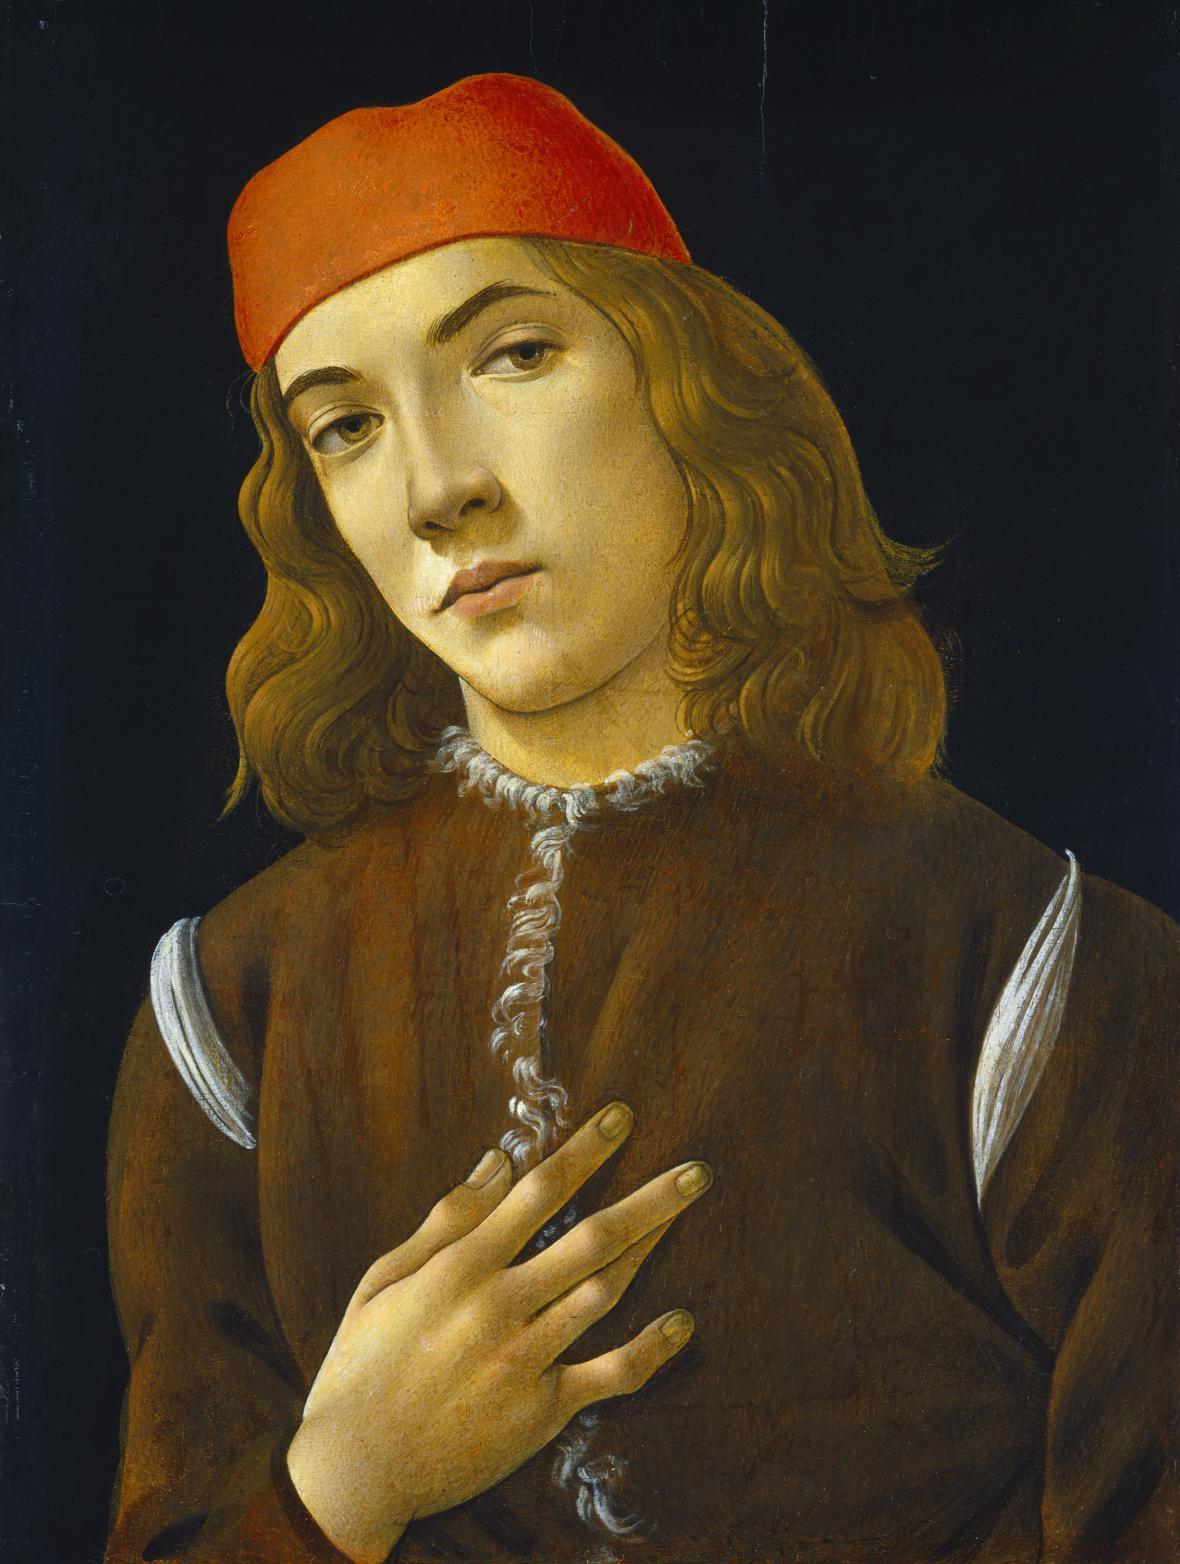 Sandro Botticelli / Portrét mladého muže, 1480-85